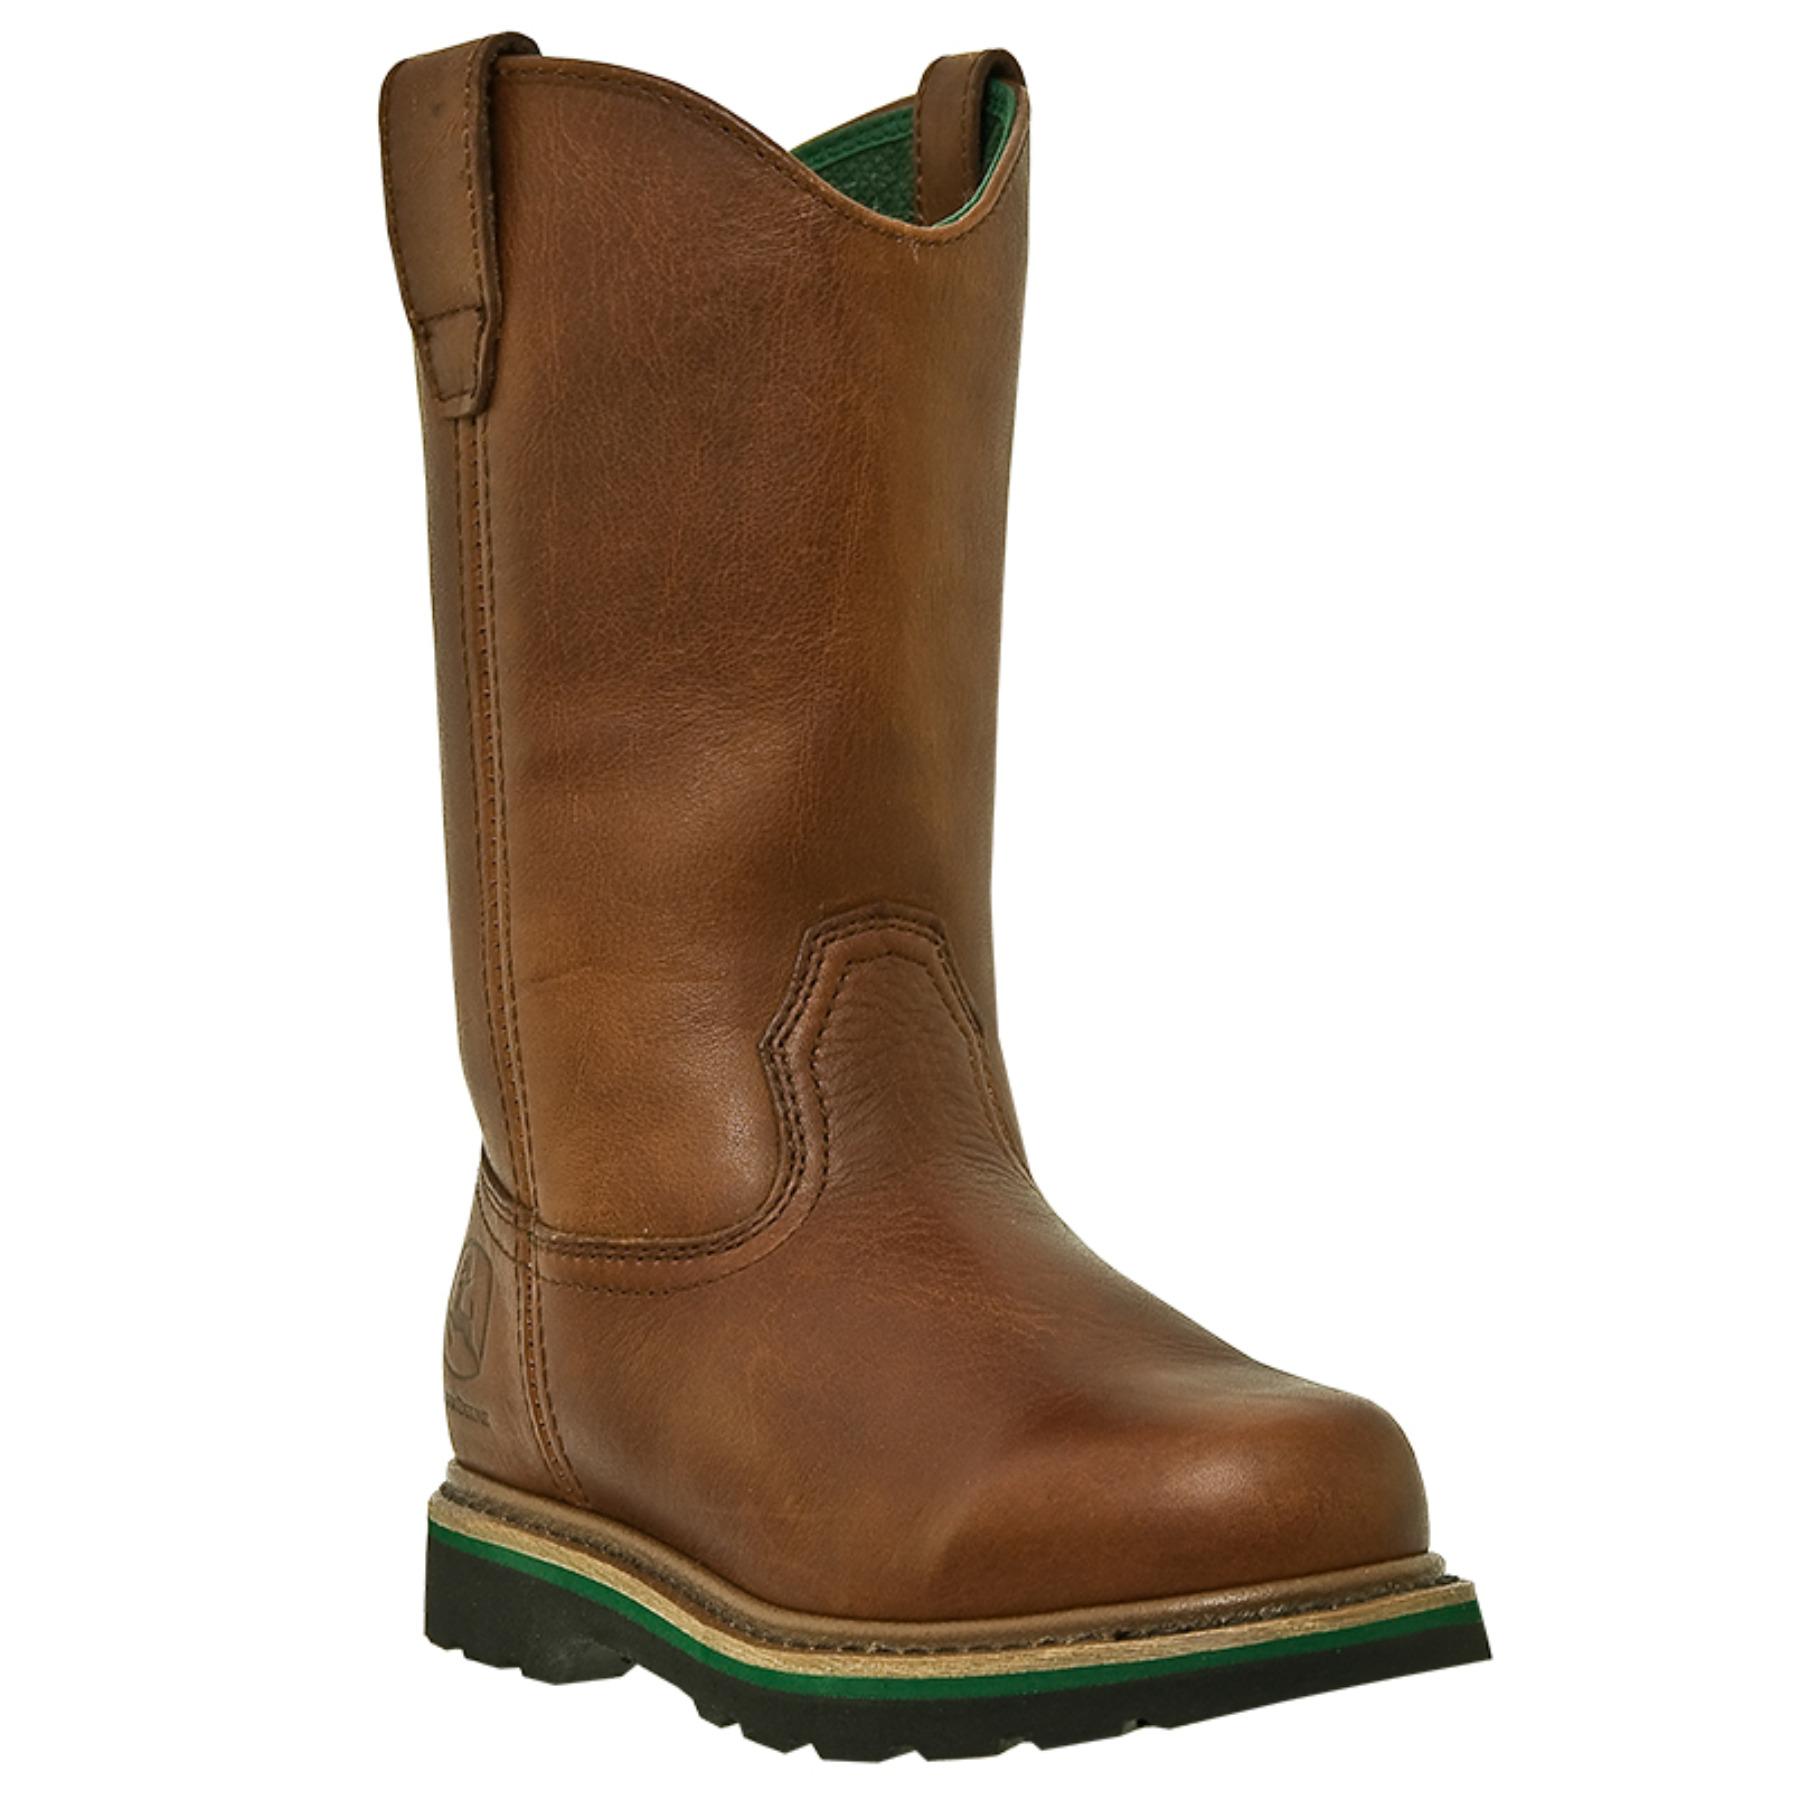 John Deere John Deere Wellington Tractor Series Men's Leather Boots ...